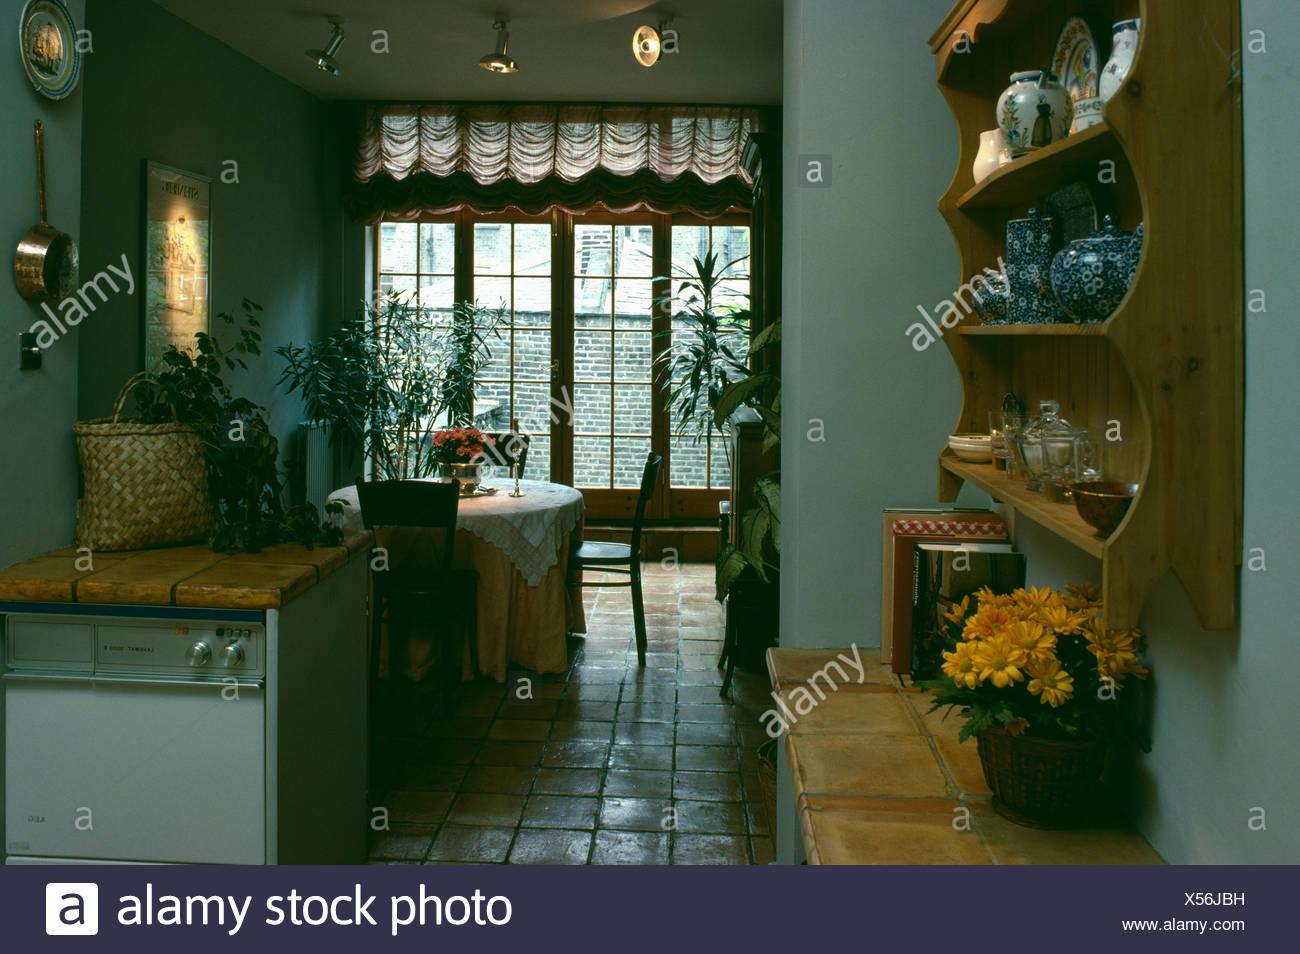 Kiefer Regale an der Wand der Küche Esszimmer Stockfoto, Bild ...